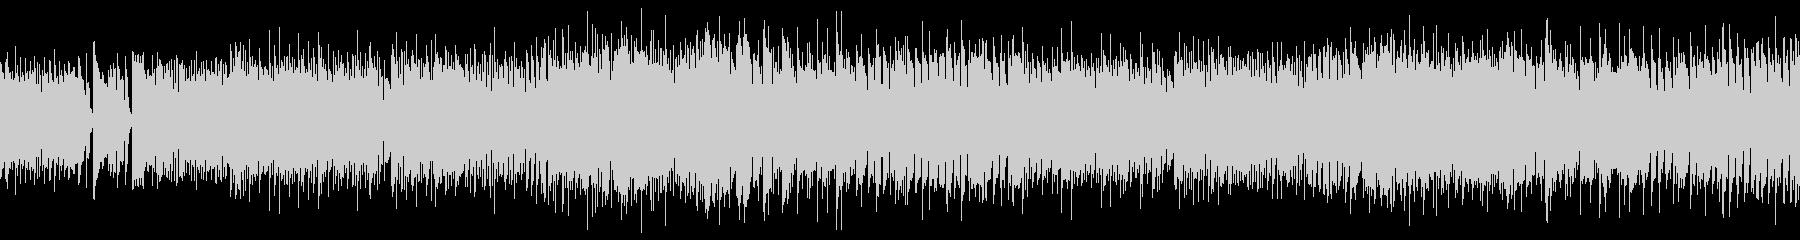 ロックバンド系バトルBGMの未再生の波形